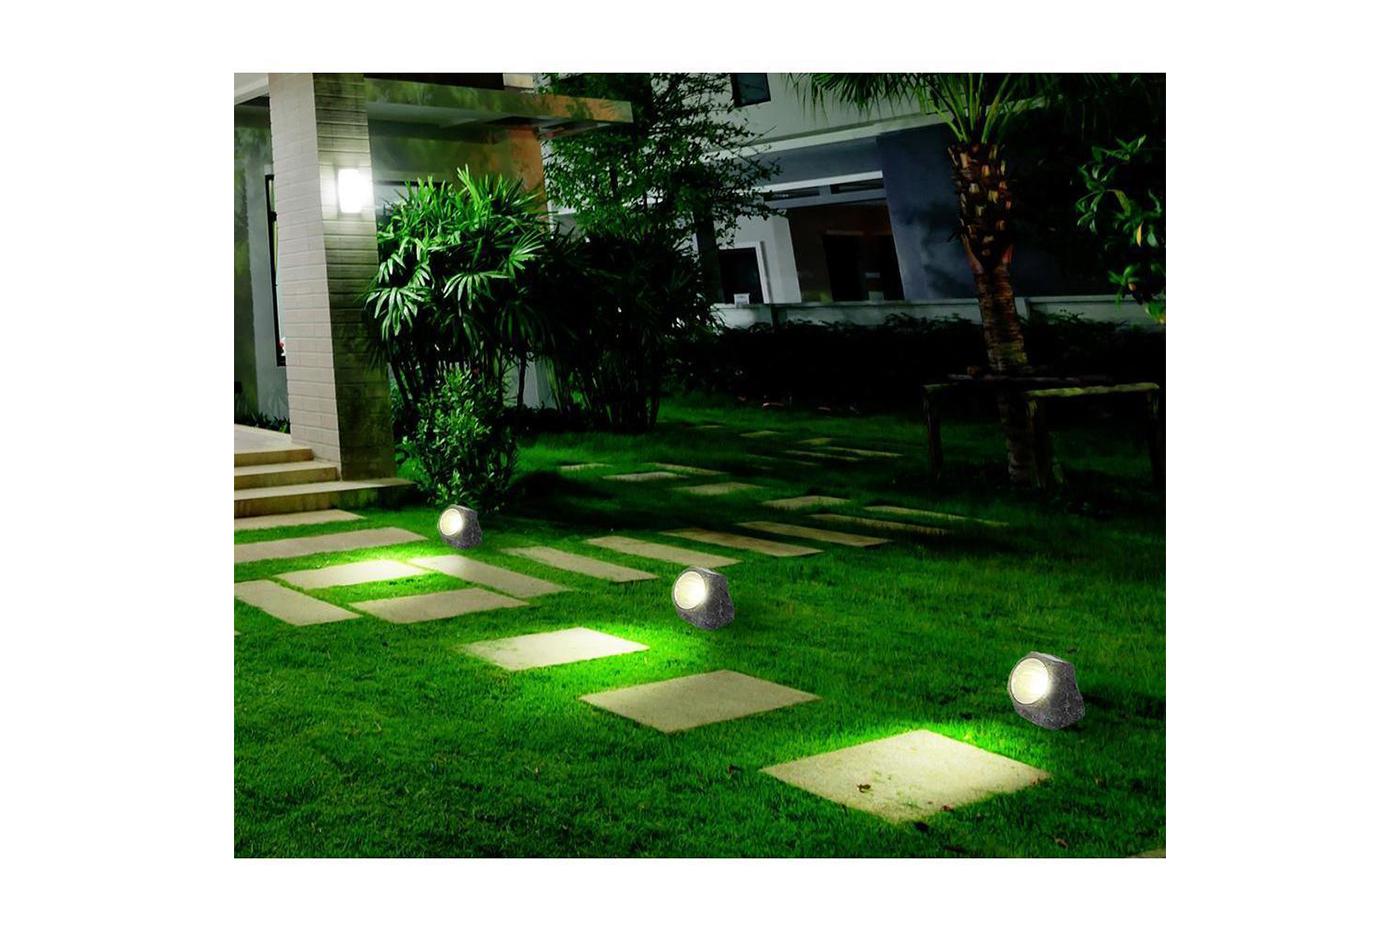 Luci solari decorative da giardino luci solari decorative da